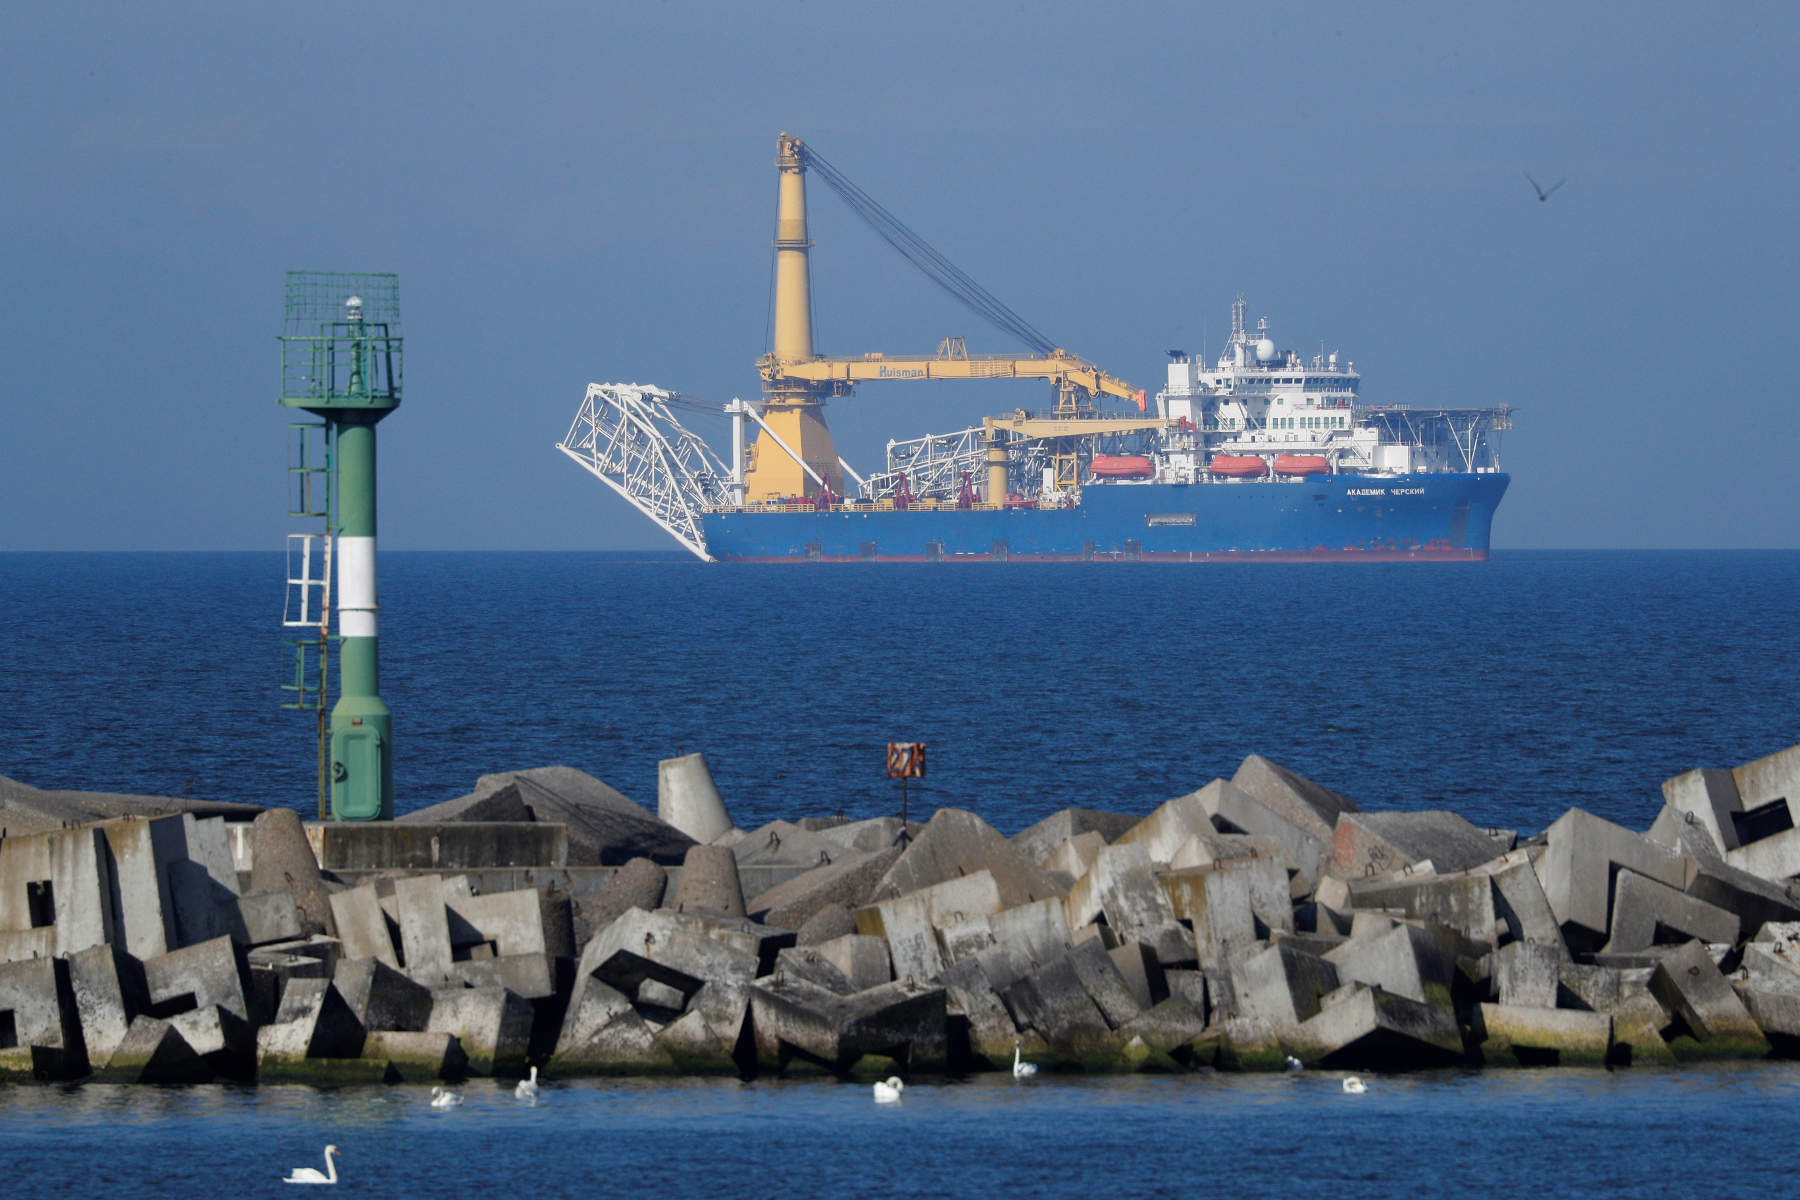 Ρωσία: Καμιά αλλαγή στα σχέδια για την κατασκευή του αγωγού Nord Stream 2